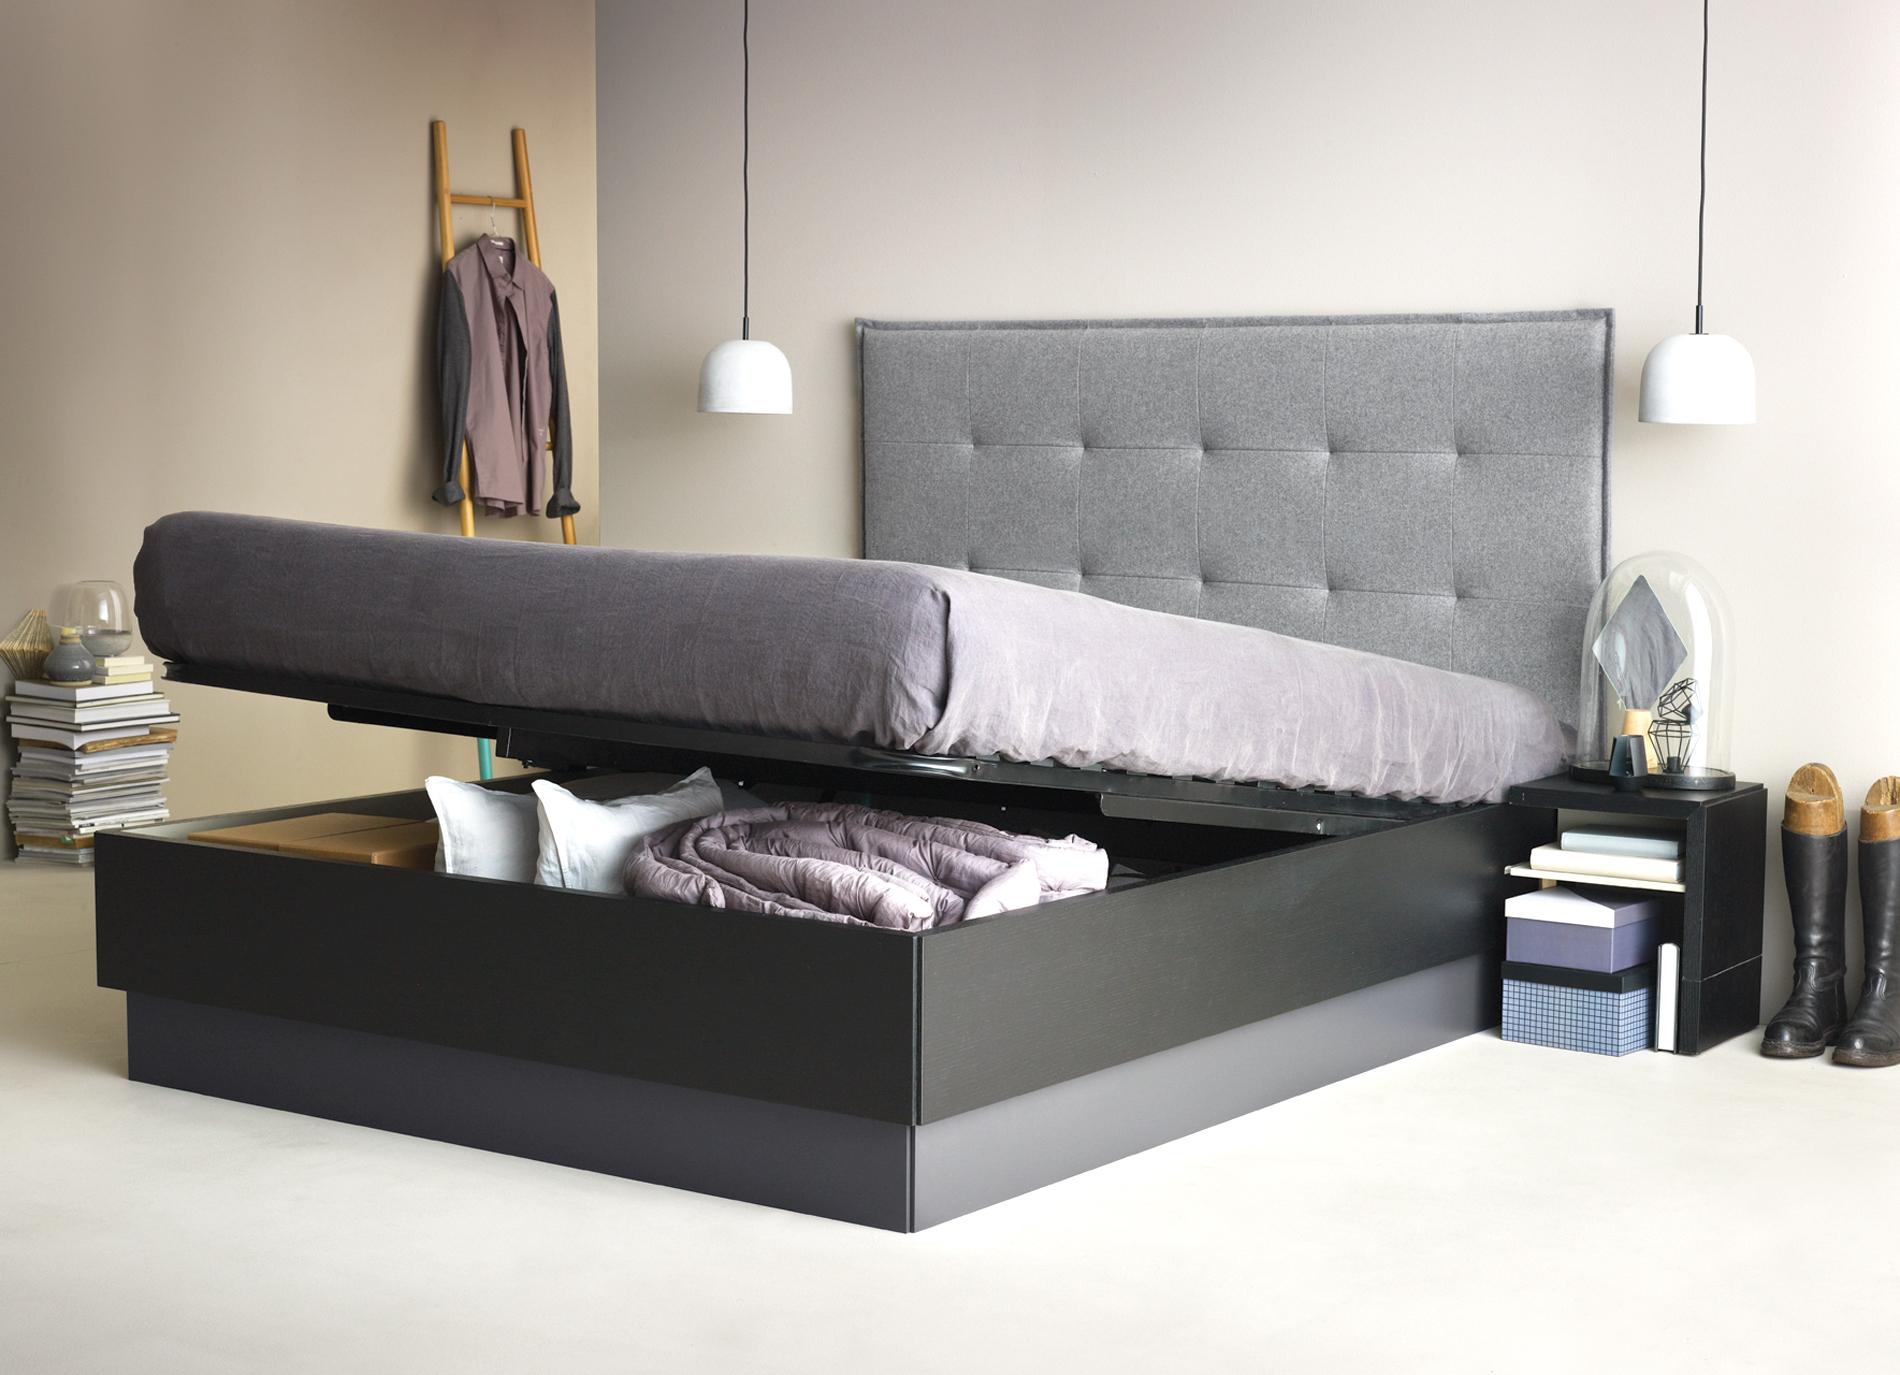 cinq conseils d co pour optimiser une petite chambre. Black Bedroom Furniture Sets. Home Design Ideas